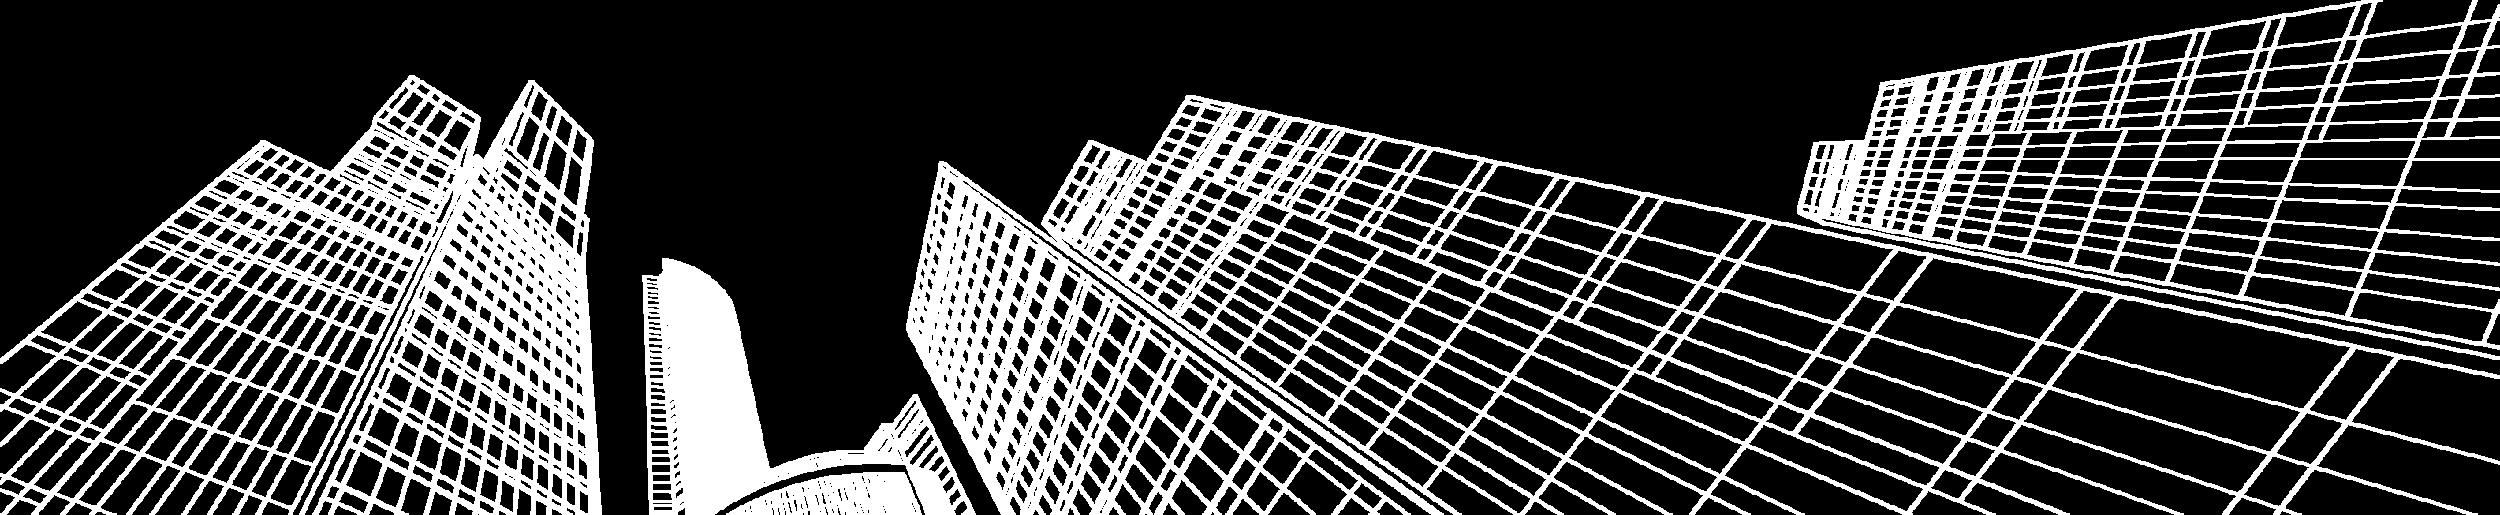 divider-5.png